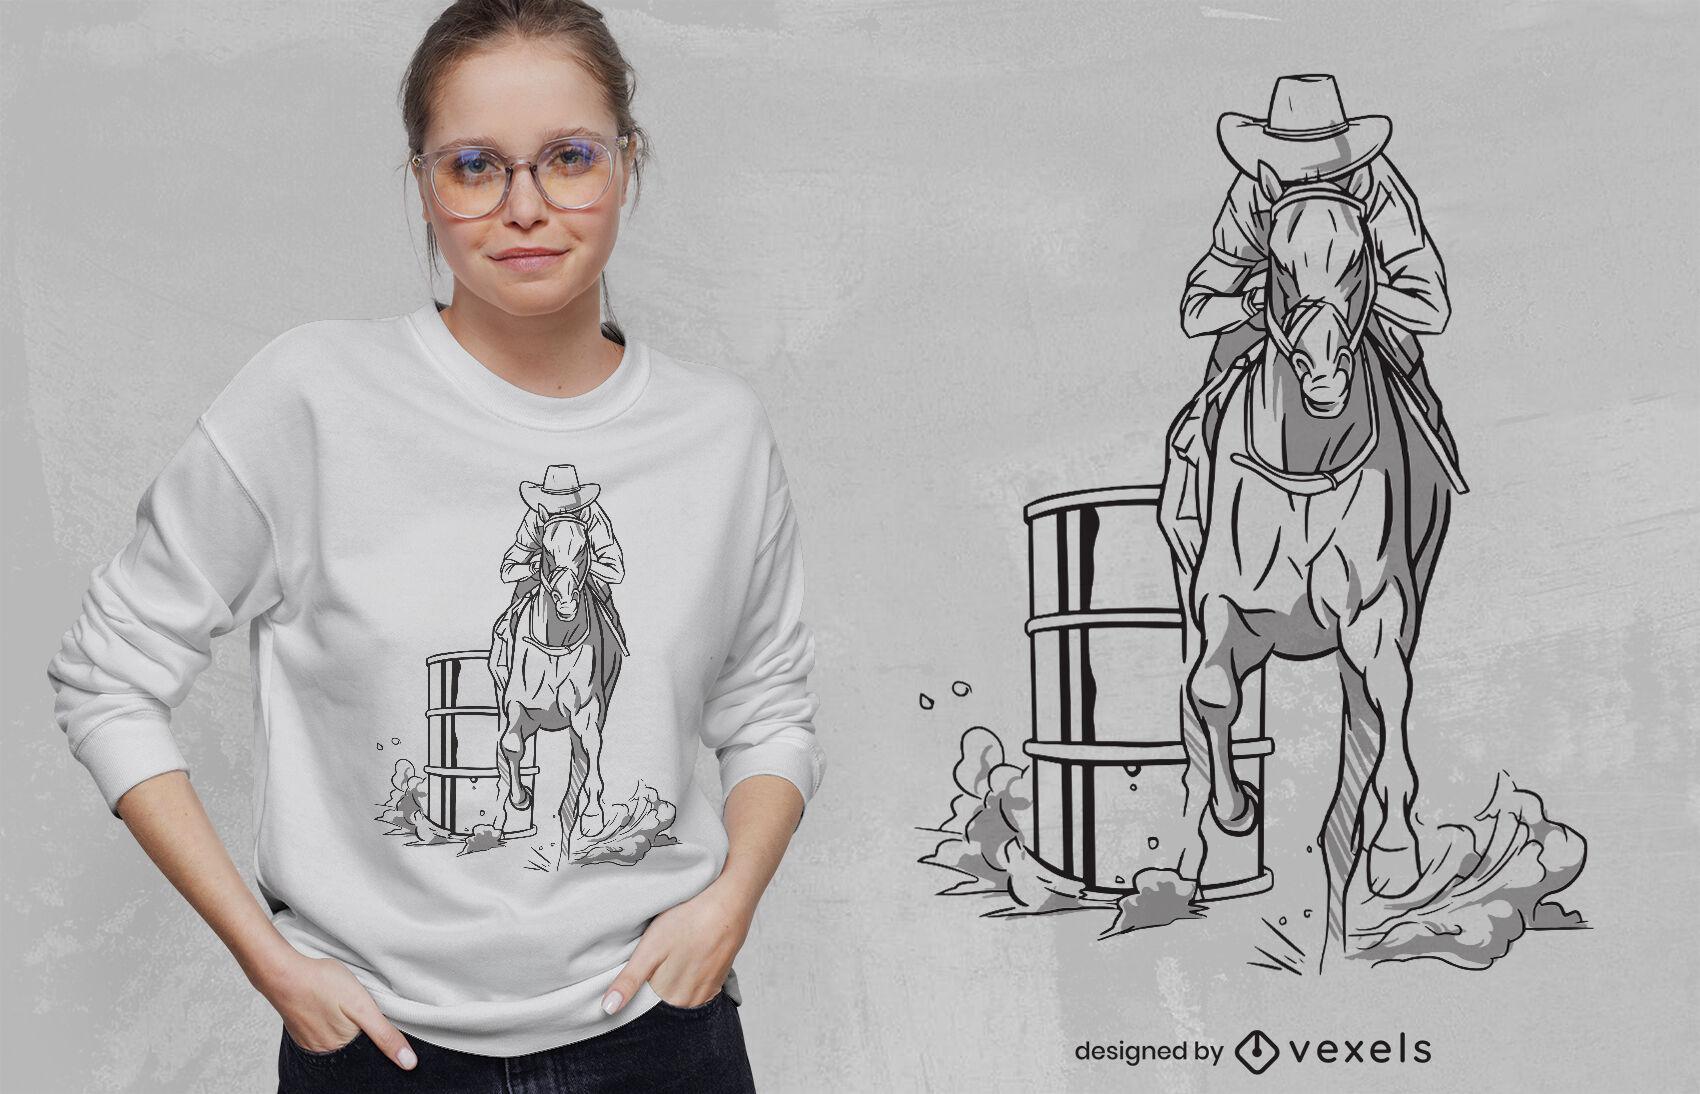 REQUEST Cowboy t-shirt design